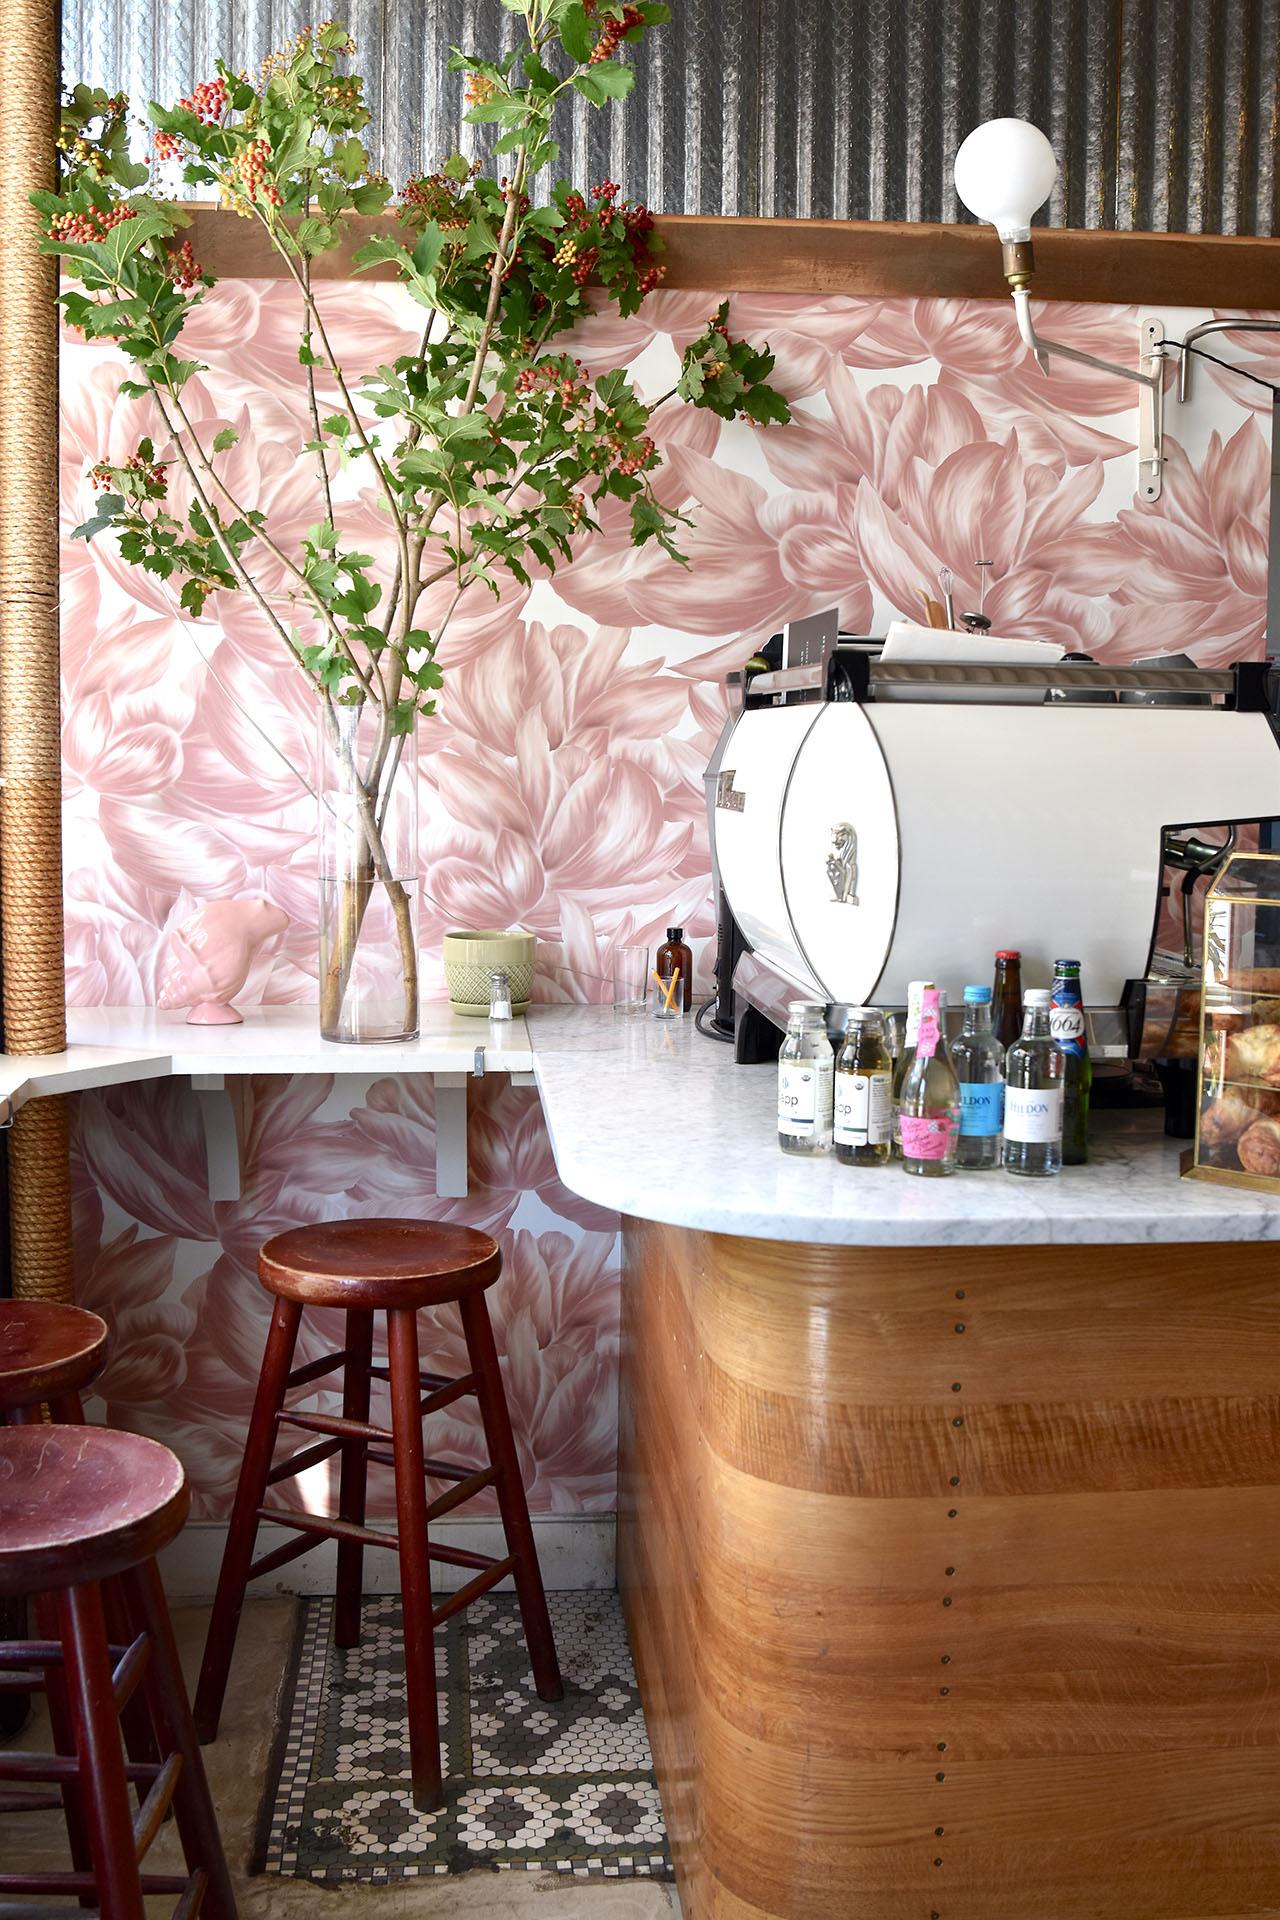 Bespoke wallpaper design for Sel Rrose Cafe in New York.